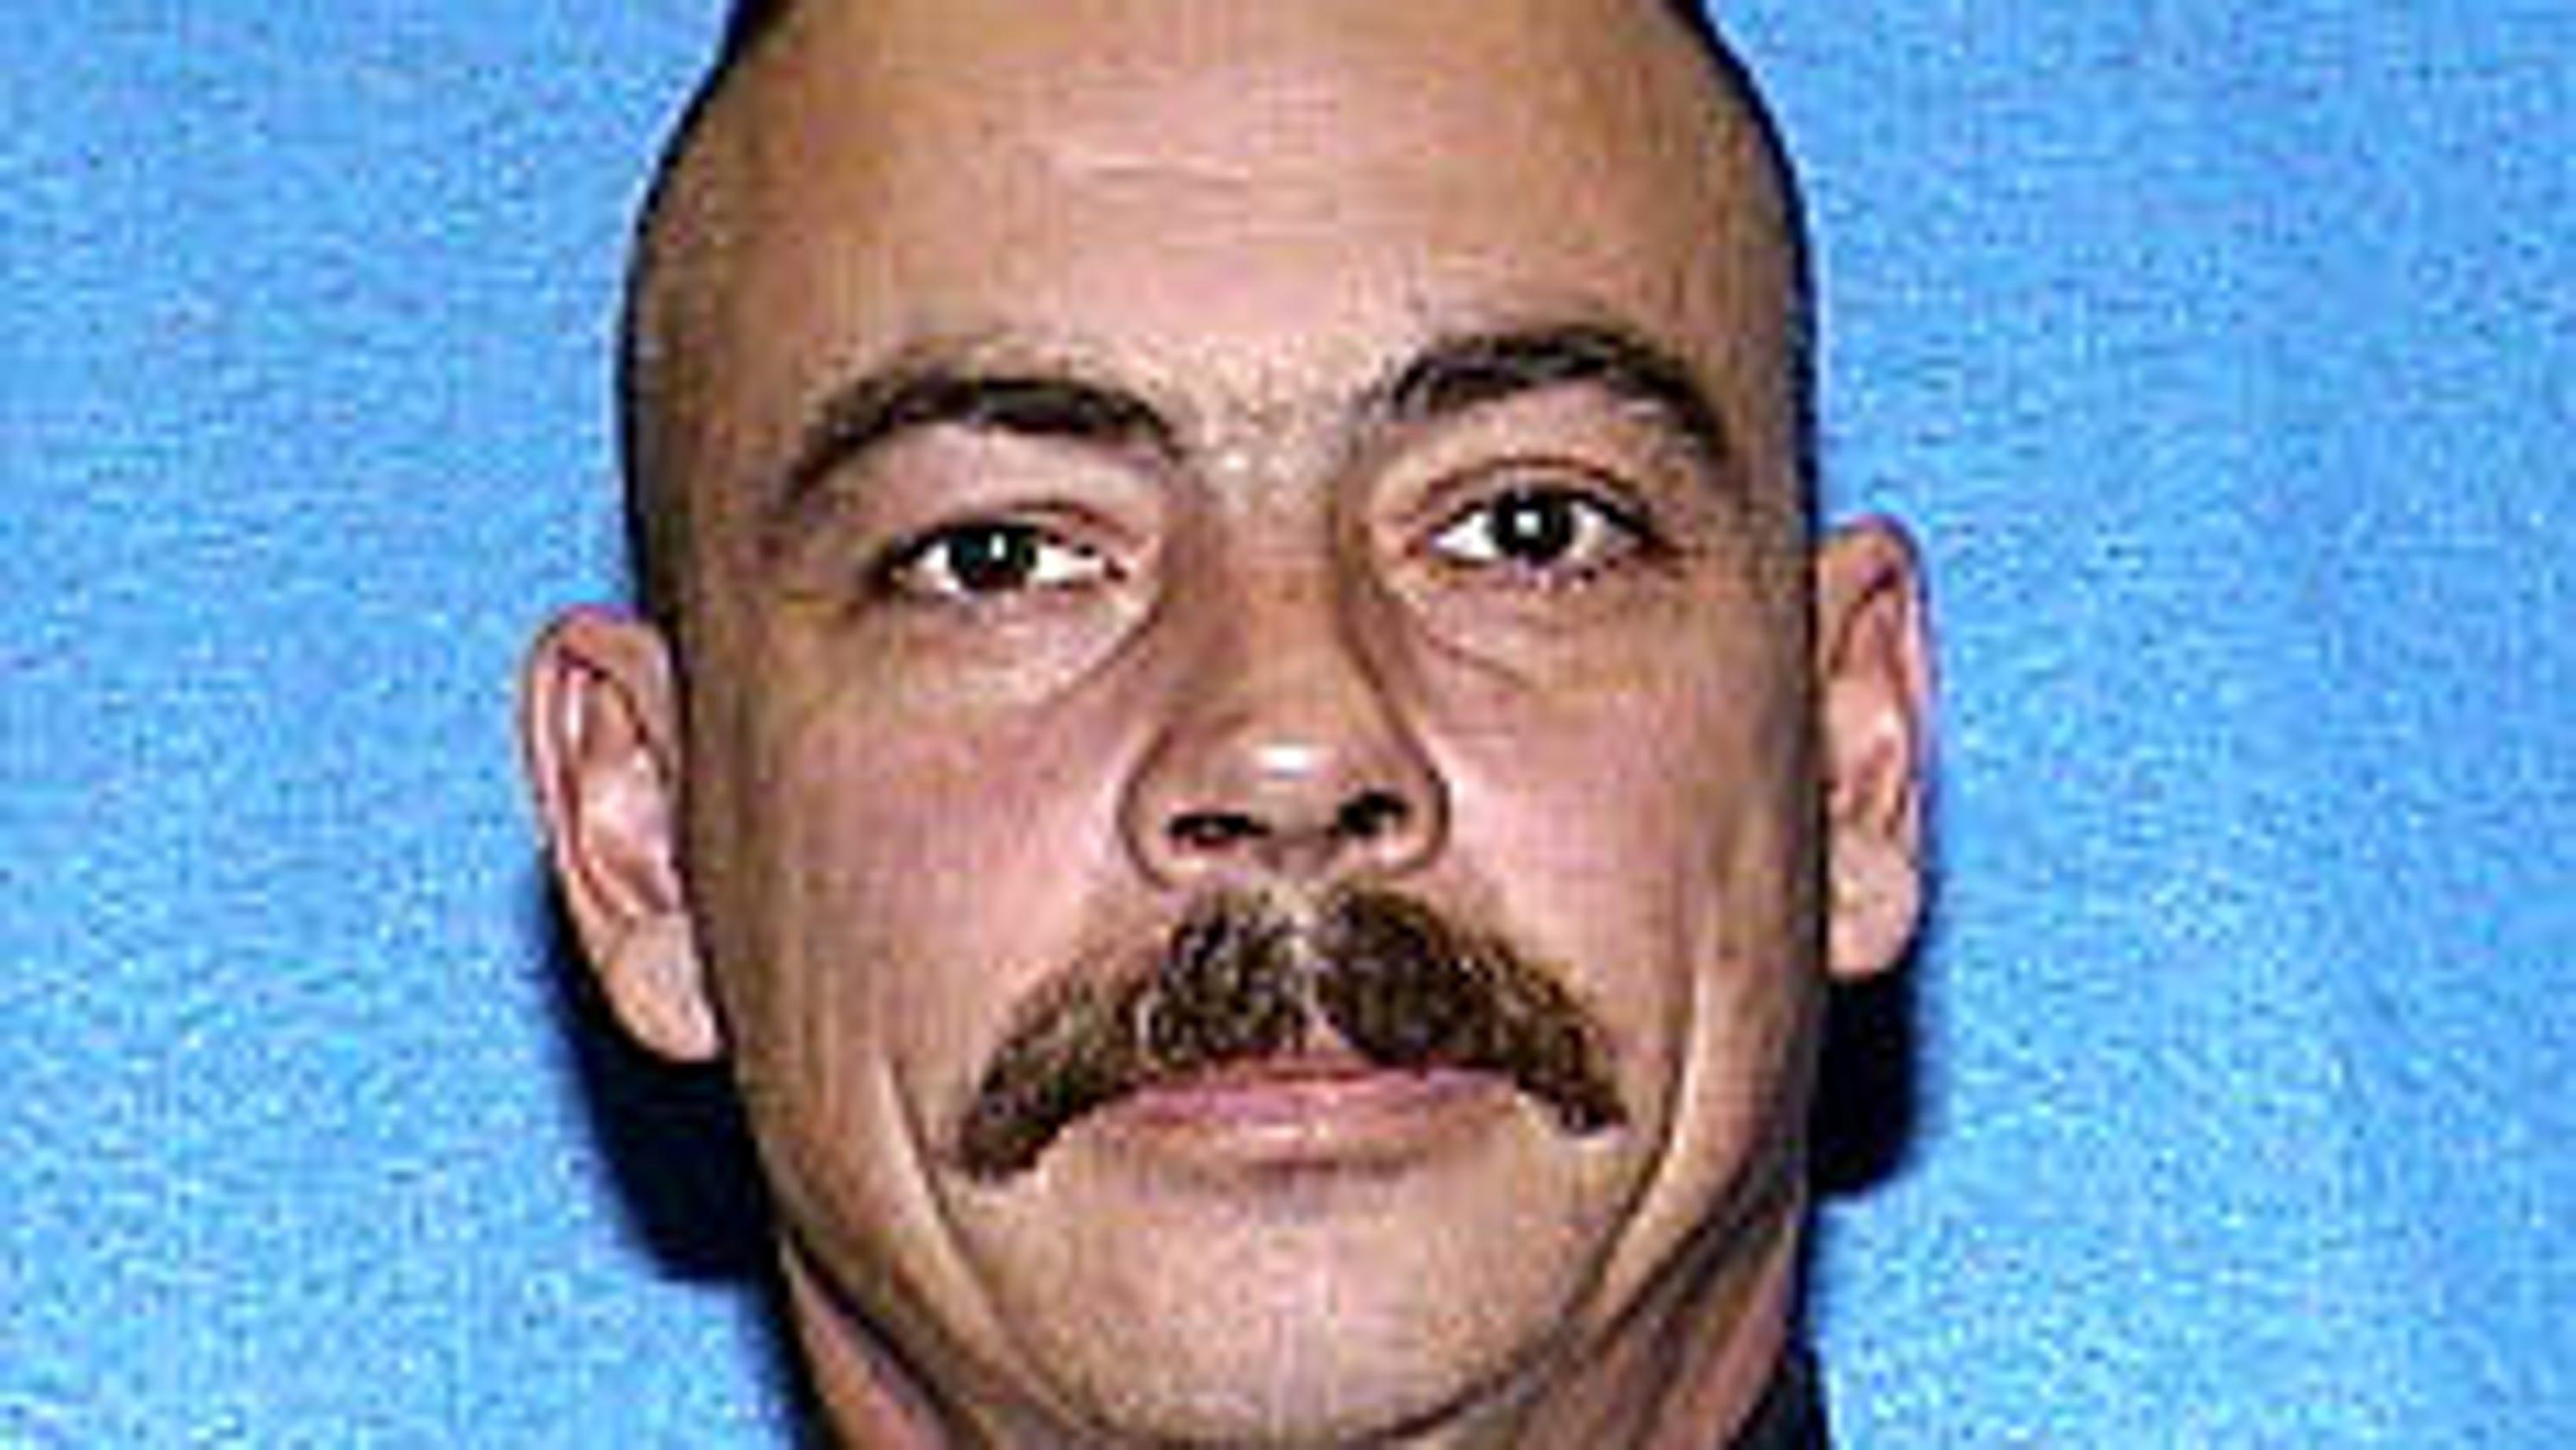 Memorial Fund Set Up For Milwaukee Police Officer Mark Lentz